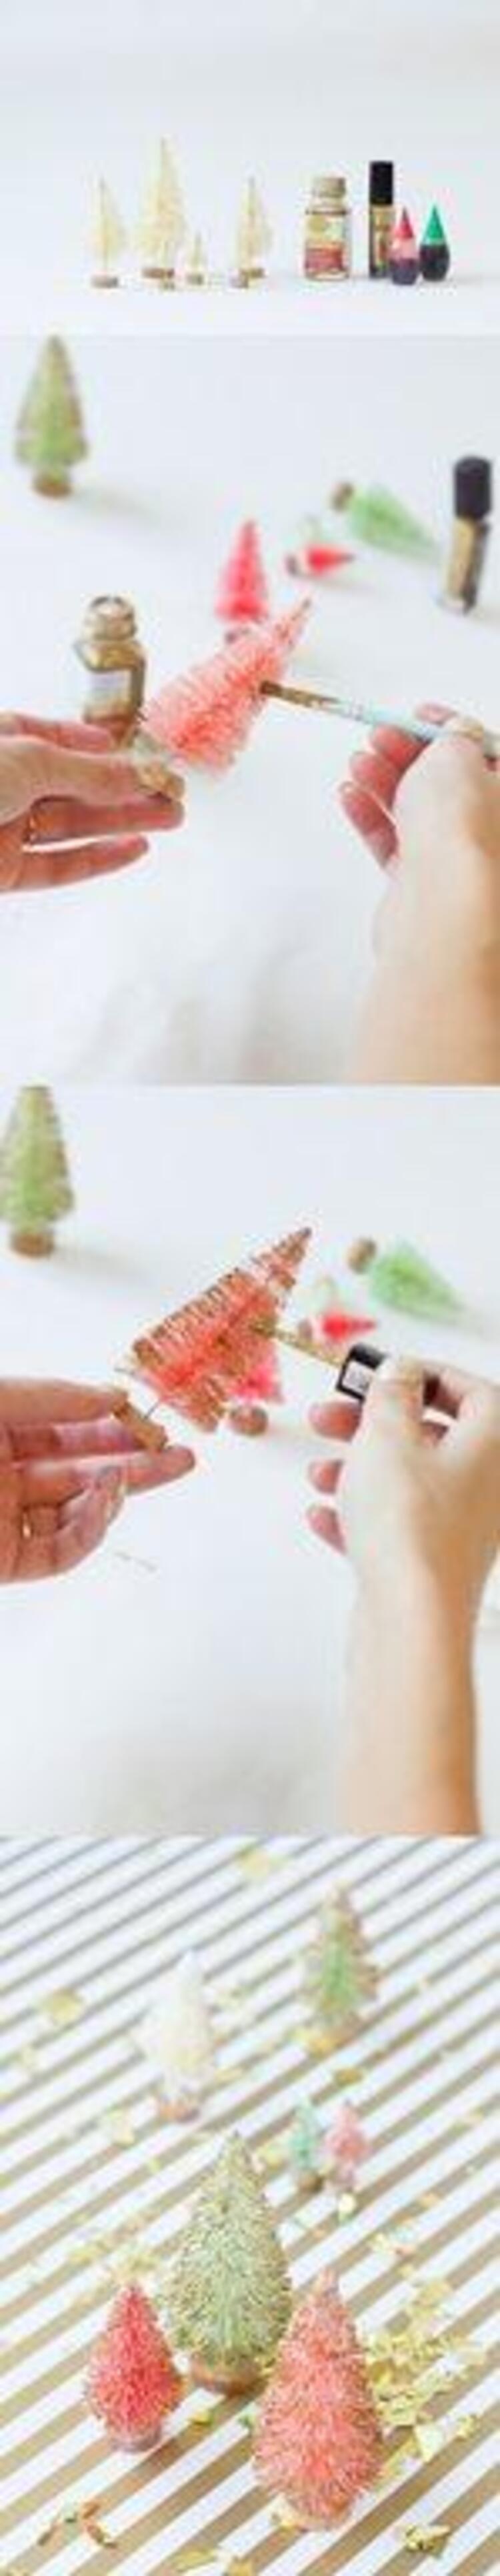 Şişeleri ya da biberonları temizlemek için kullanılan fırçalardan çam ağacı yapabileceğimiz kimin aklına gelirdi...